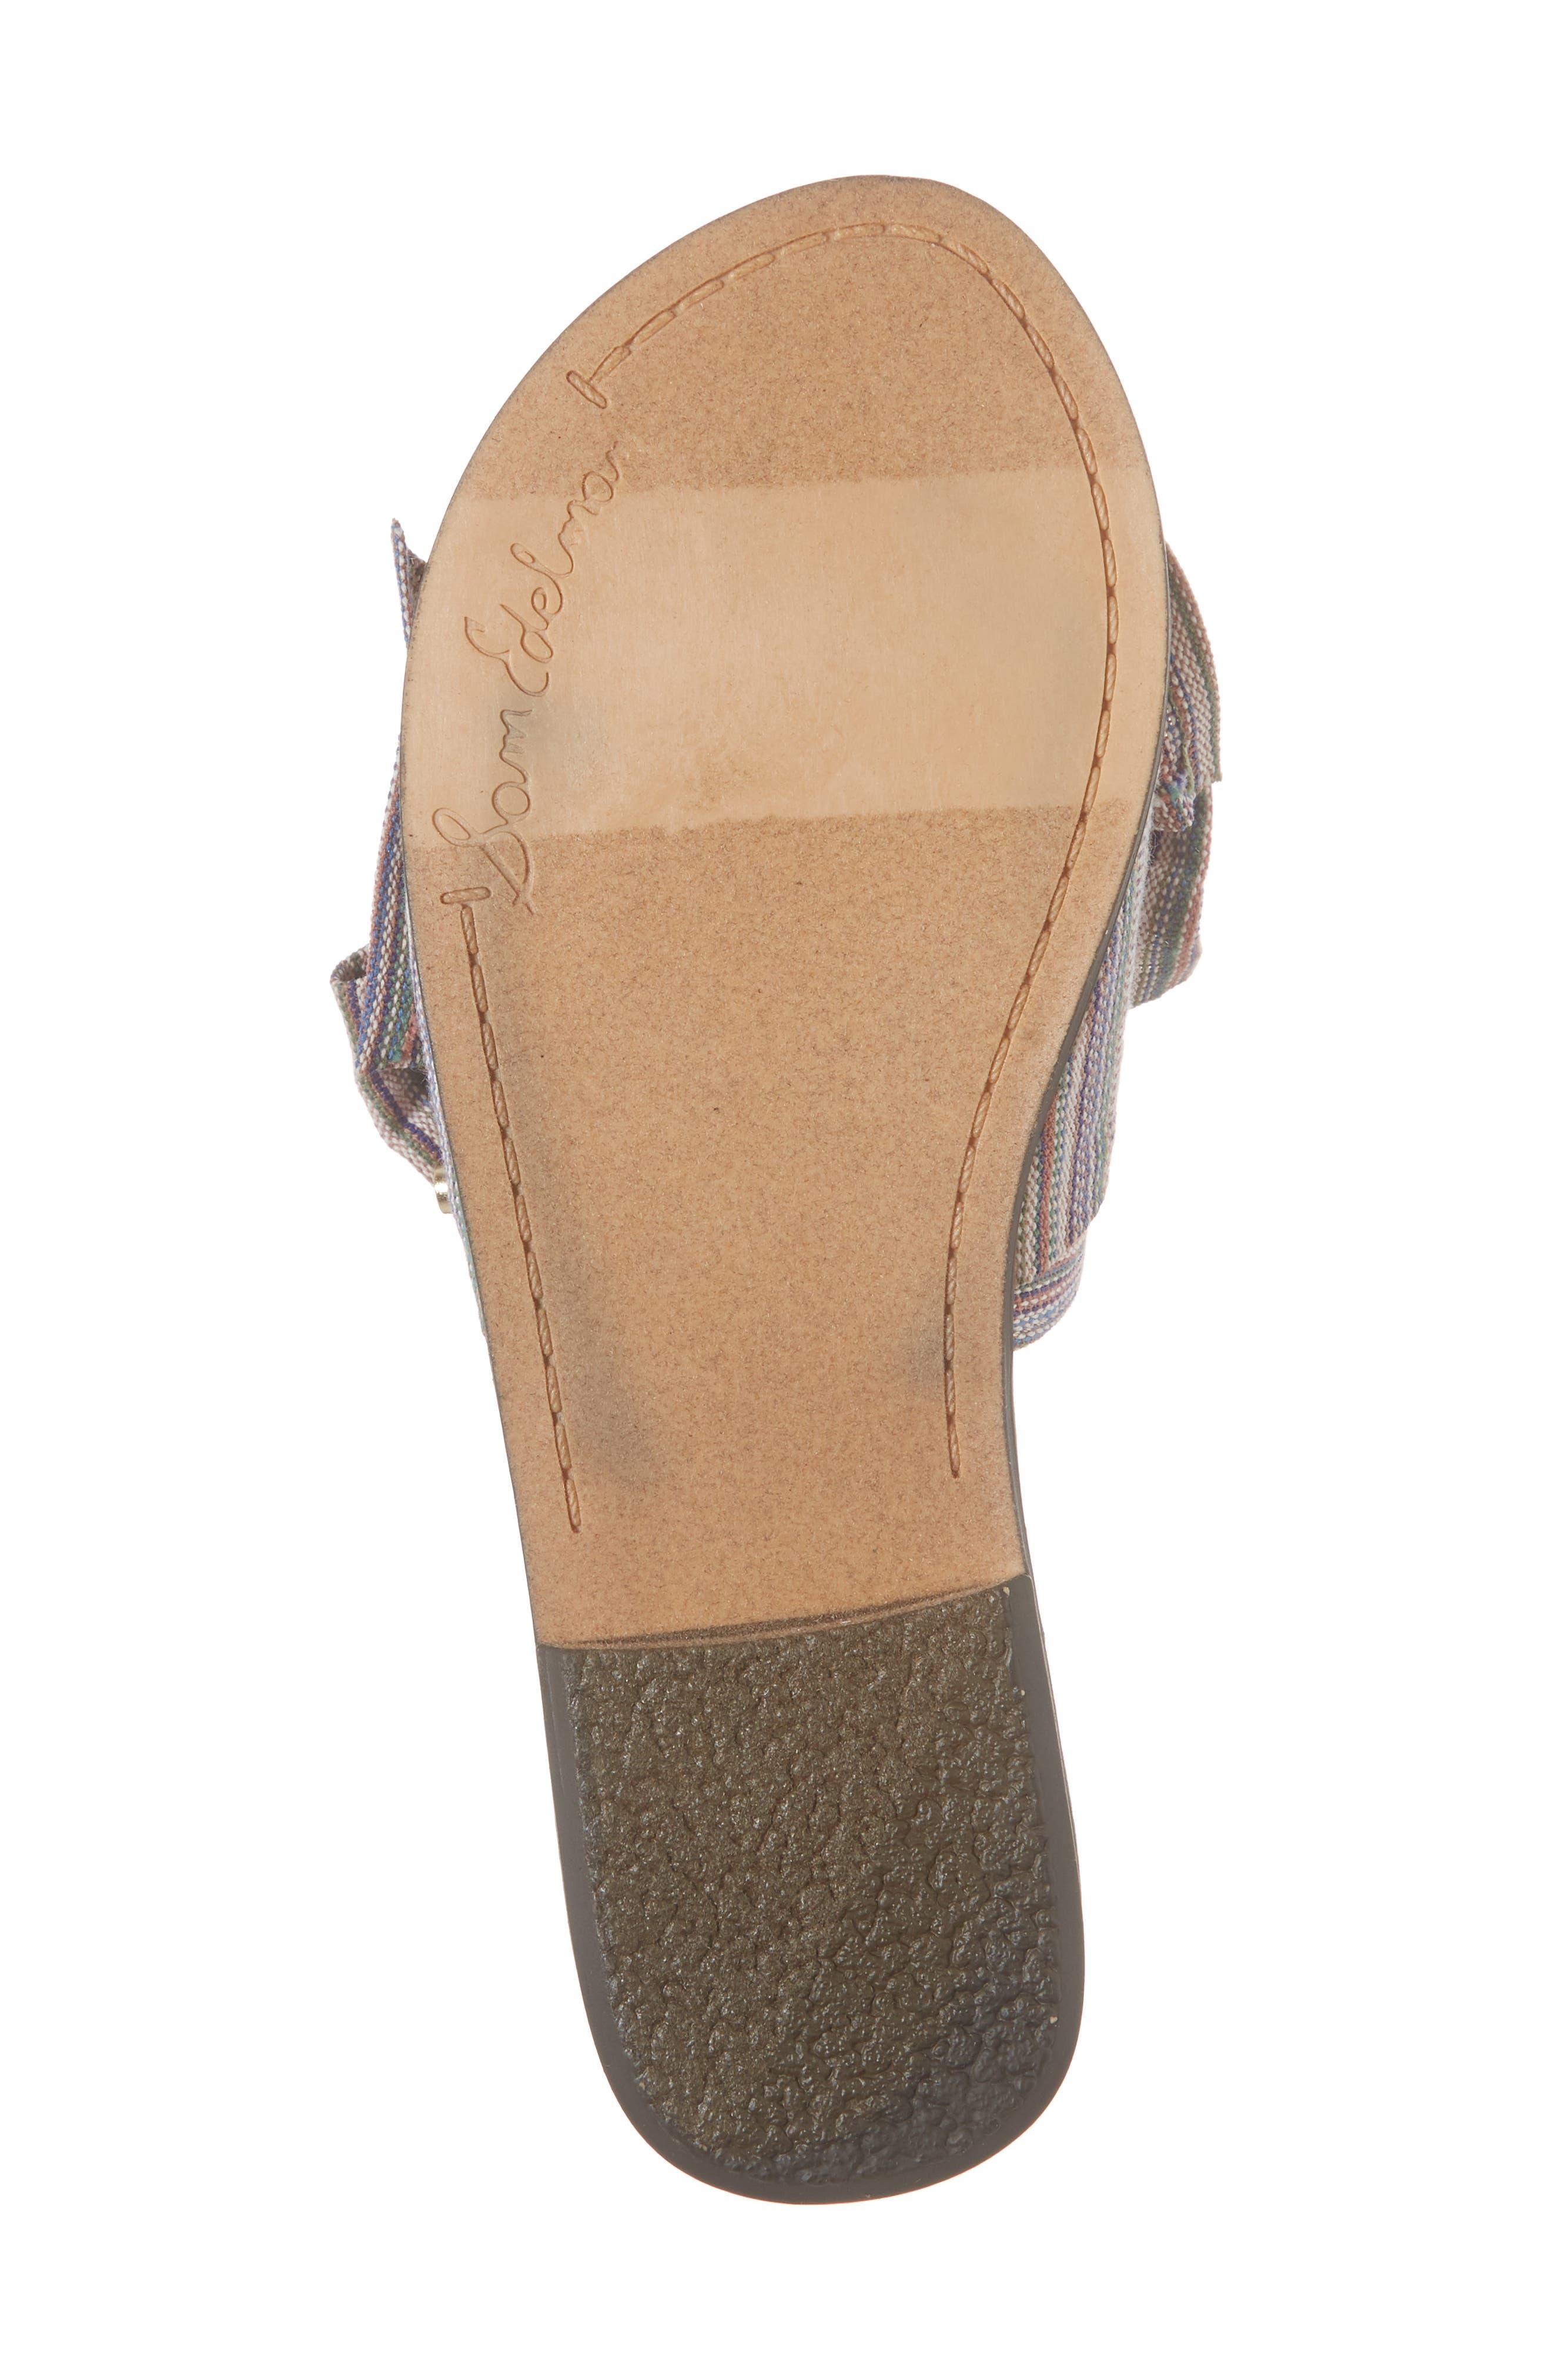 Gigi Bow Faux Leather Sandal,                             Alternate thumbnail 6, color,                             Tan Multi Fabric